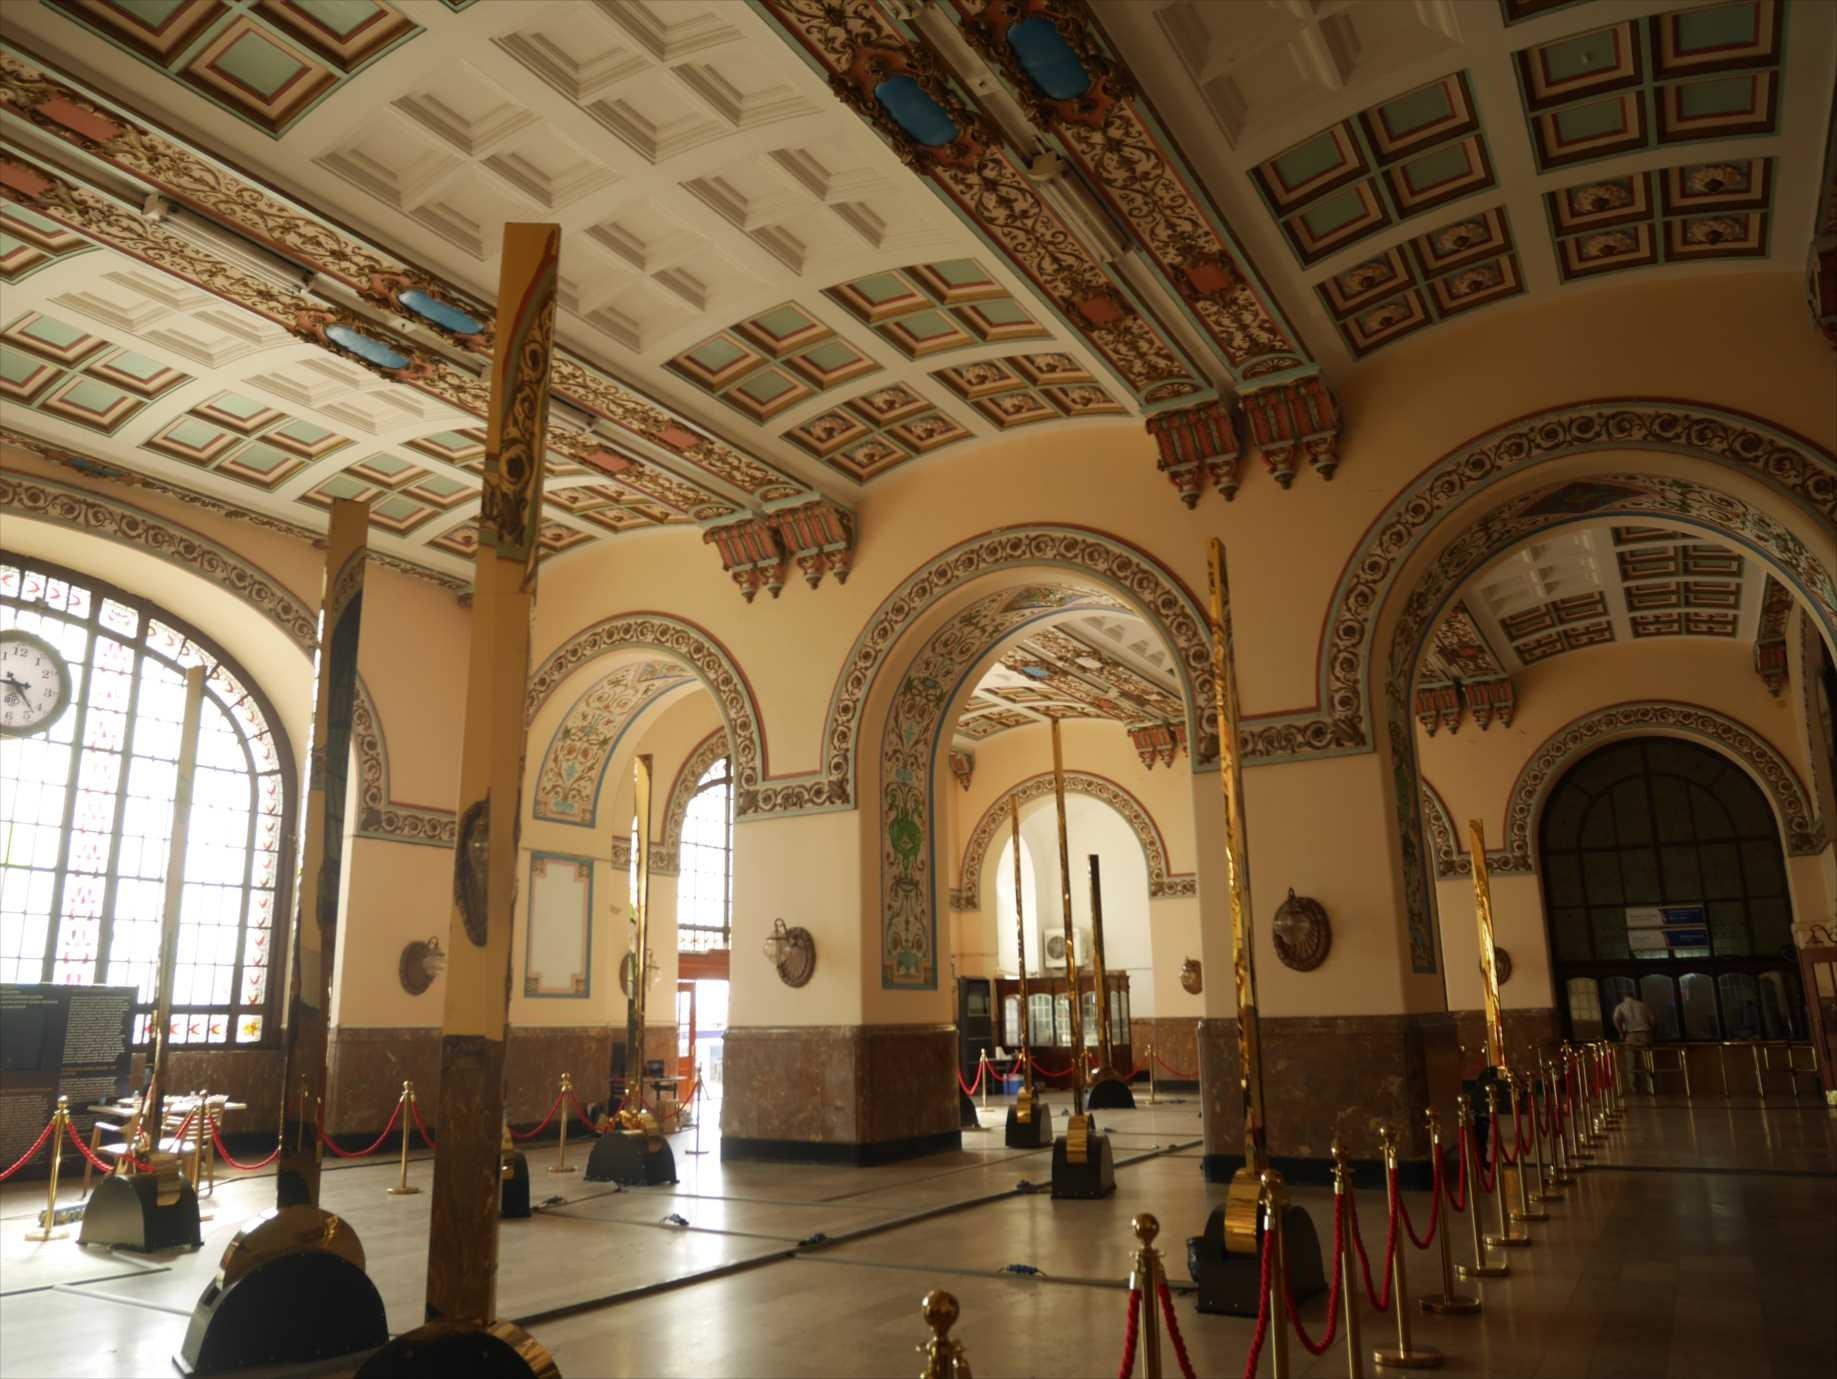 ハイダルパシャ旧駅には観光客がいない